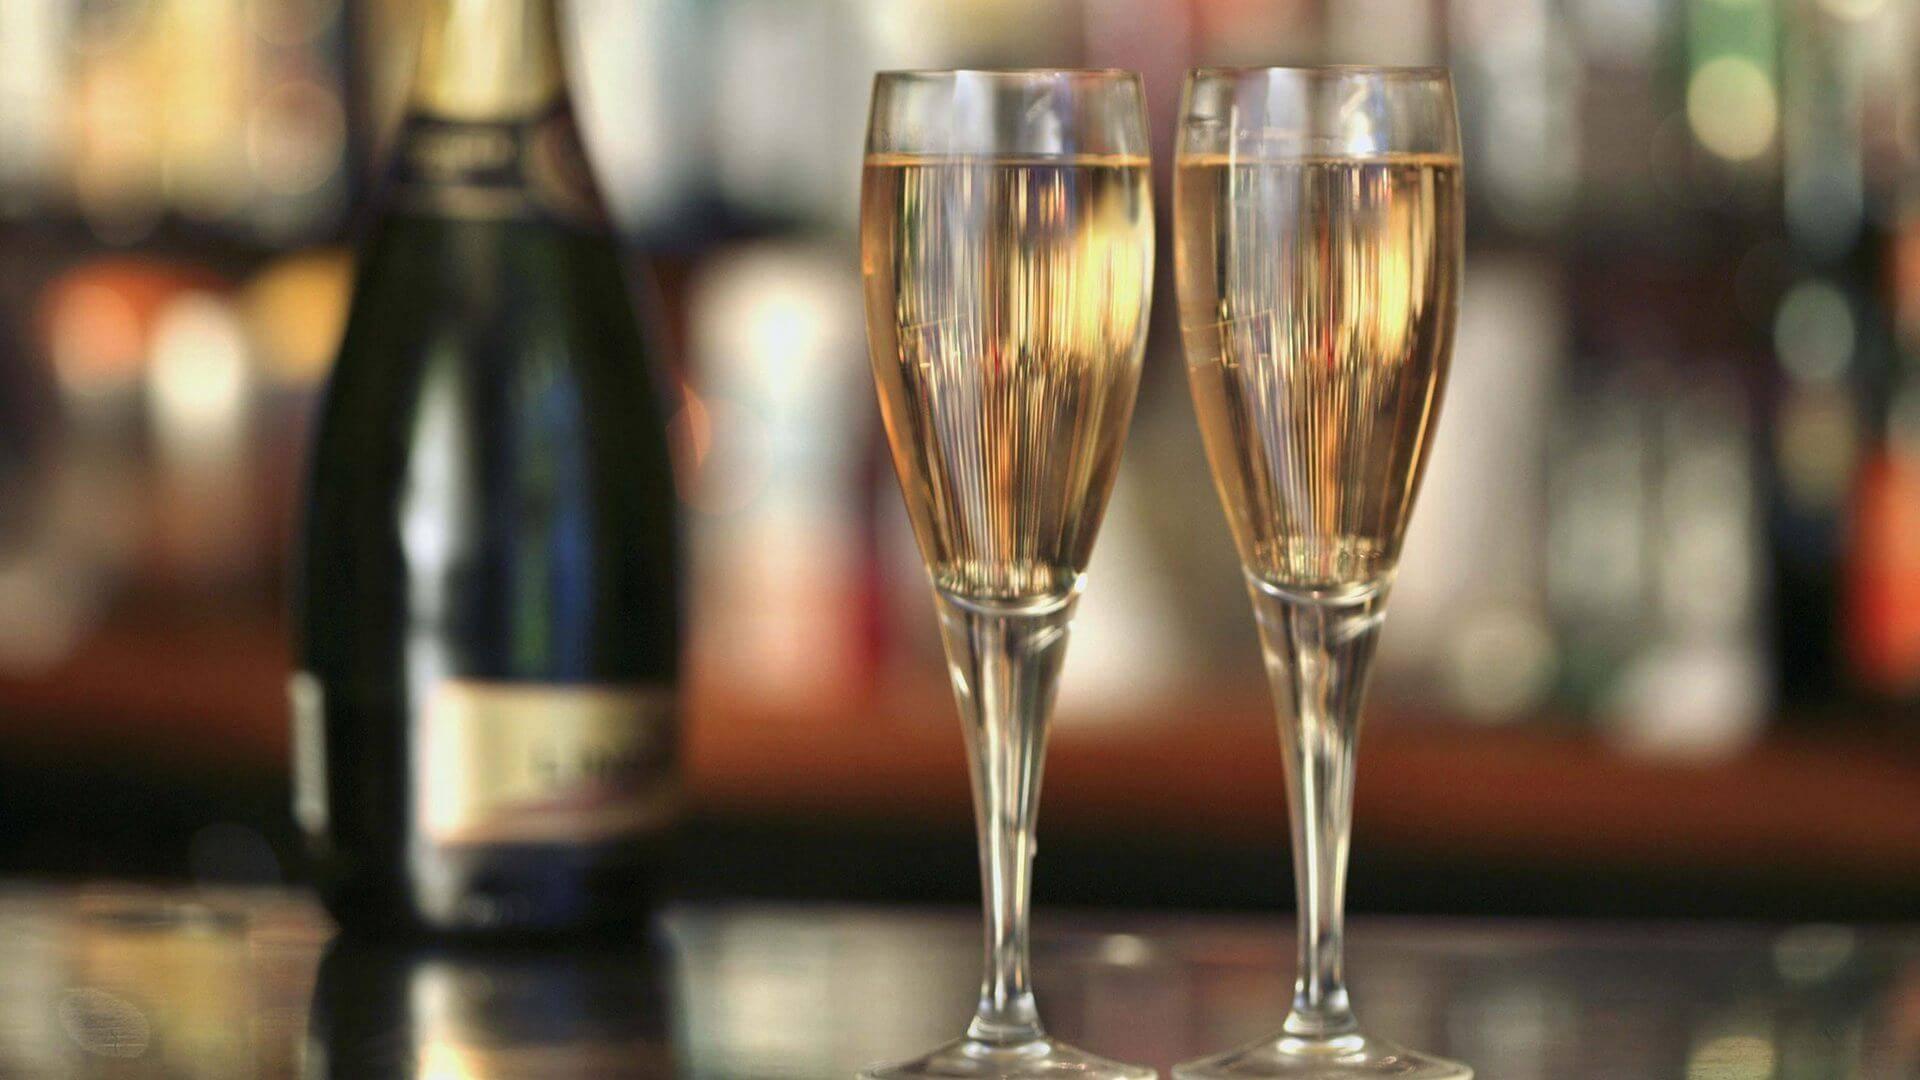 Игристые вина: шампанское, просекко, ламбруско идругие